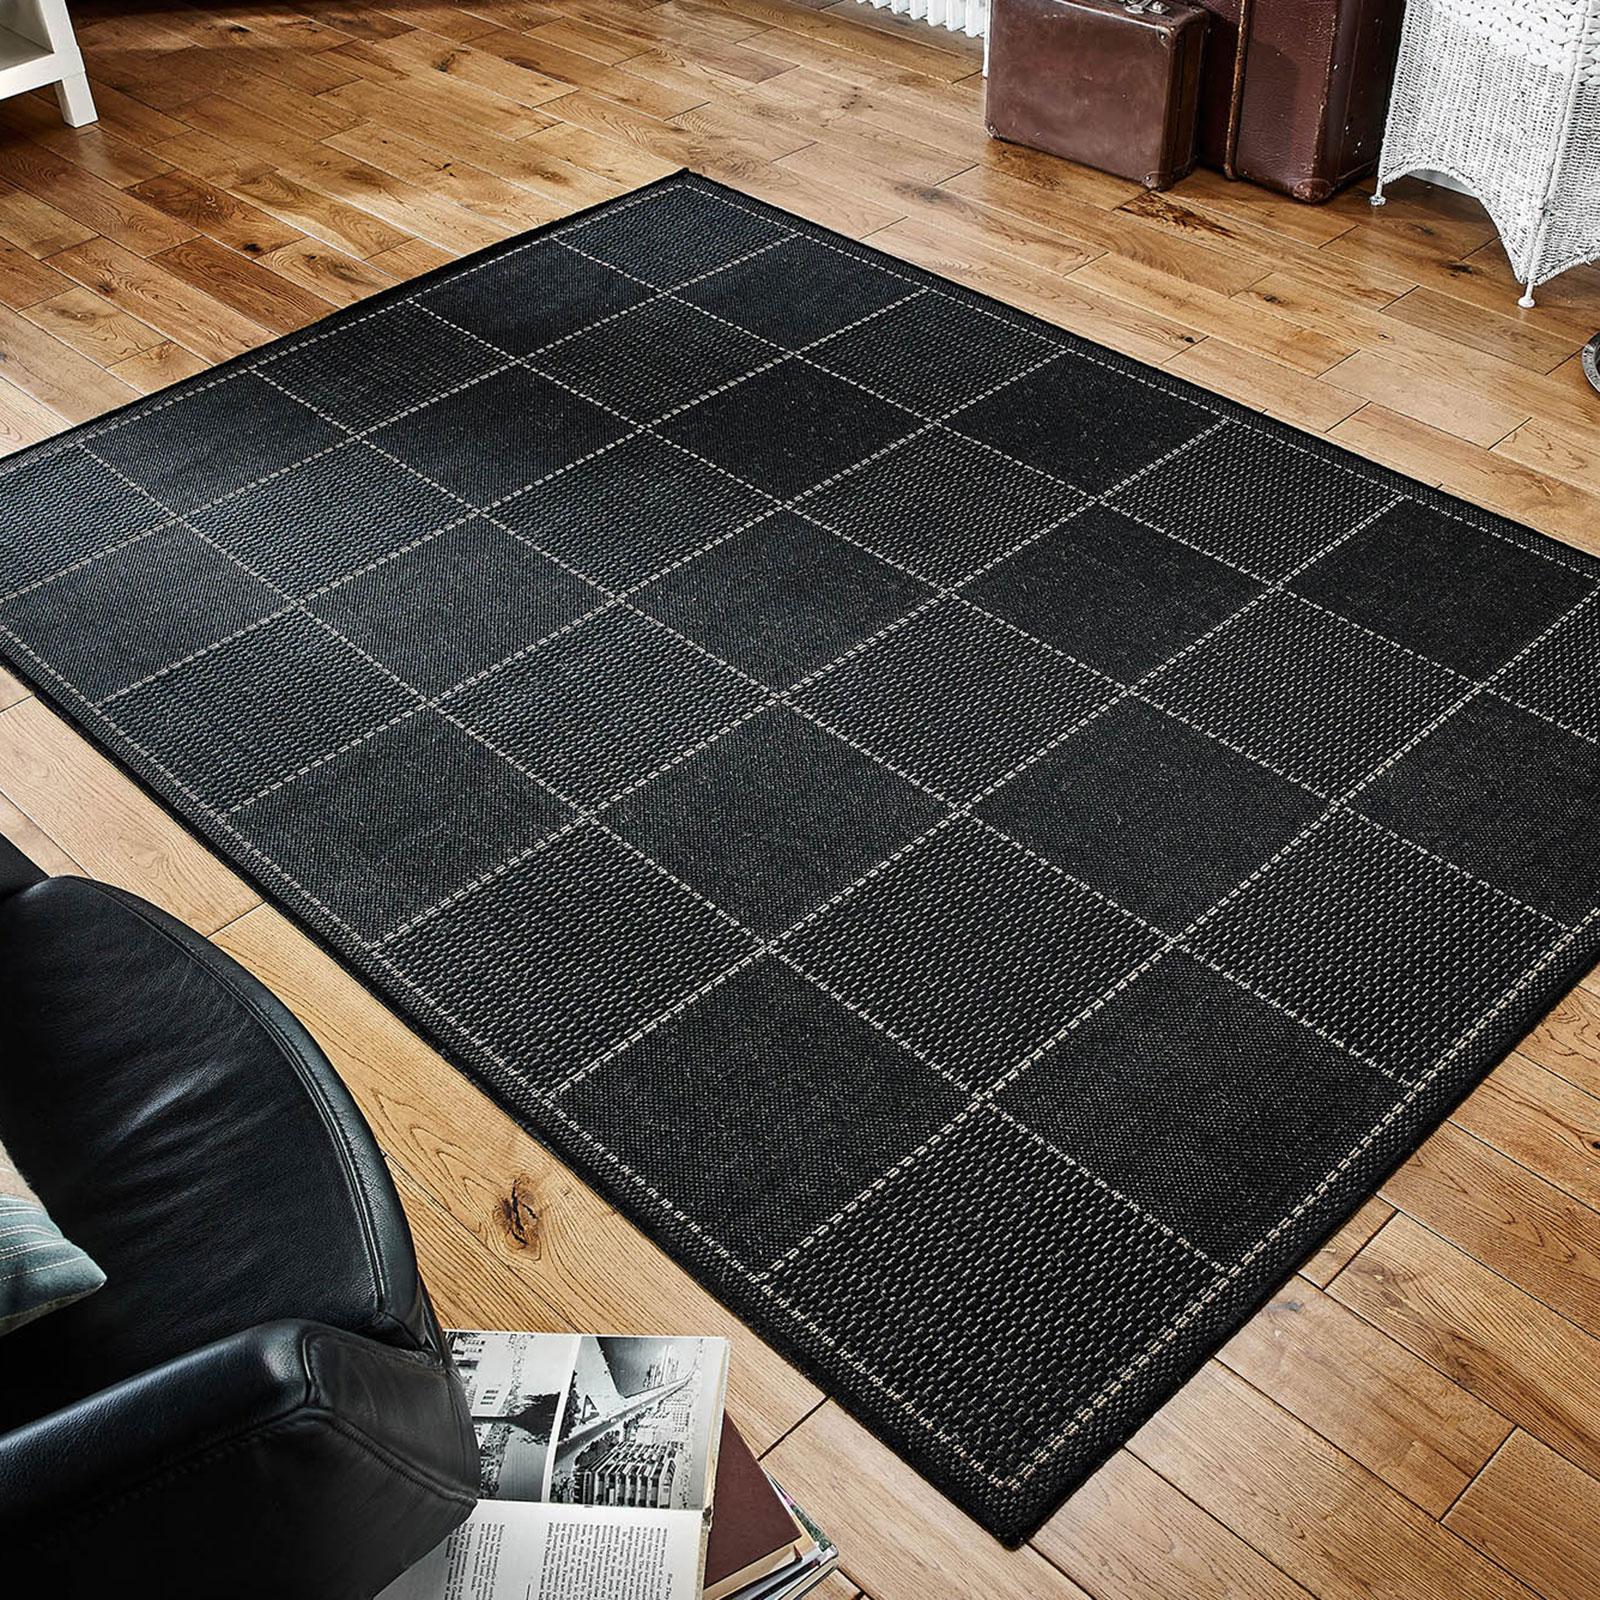 Checked-Flatweave-Black-Roomshot.jpg